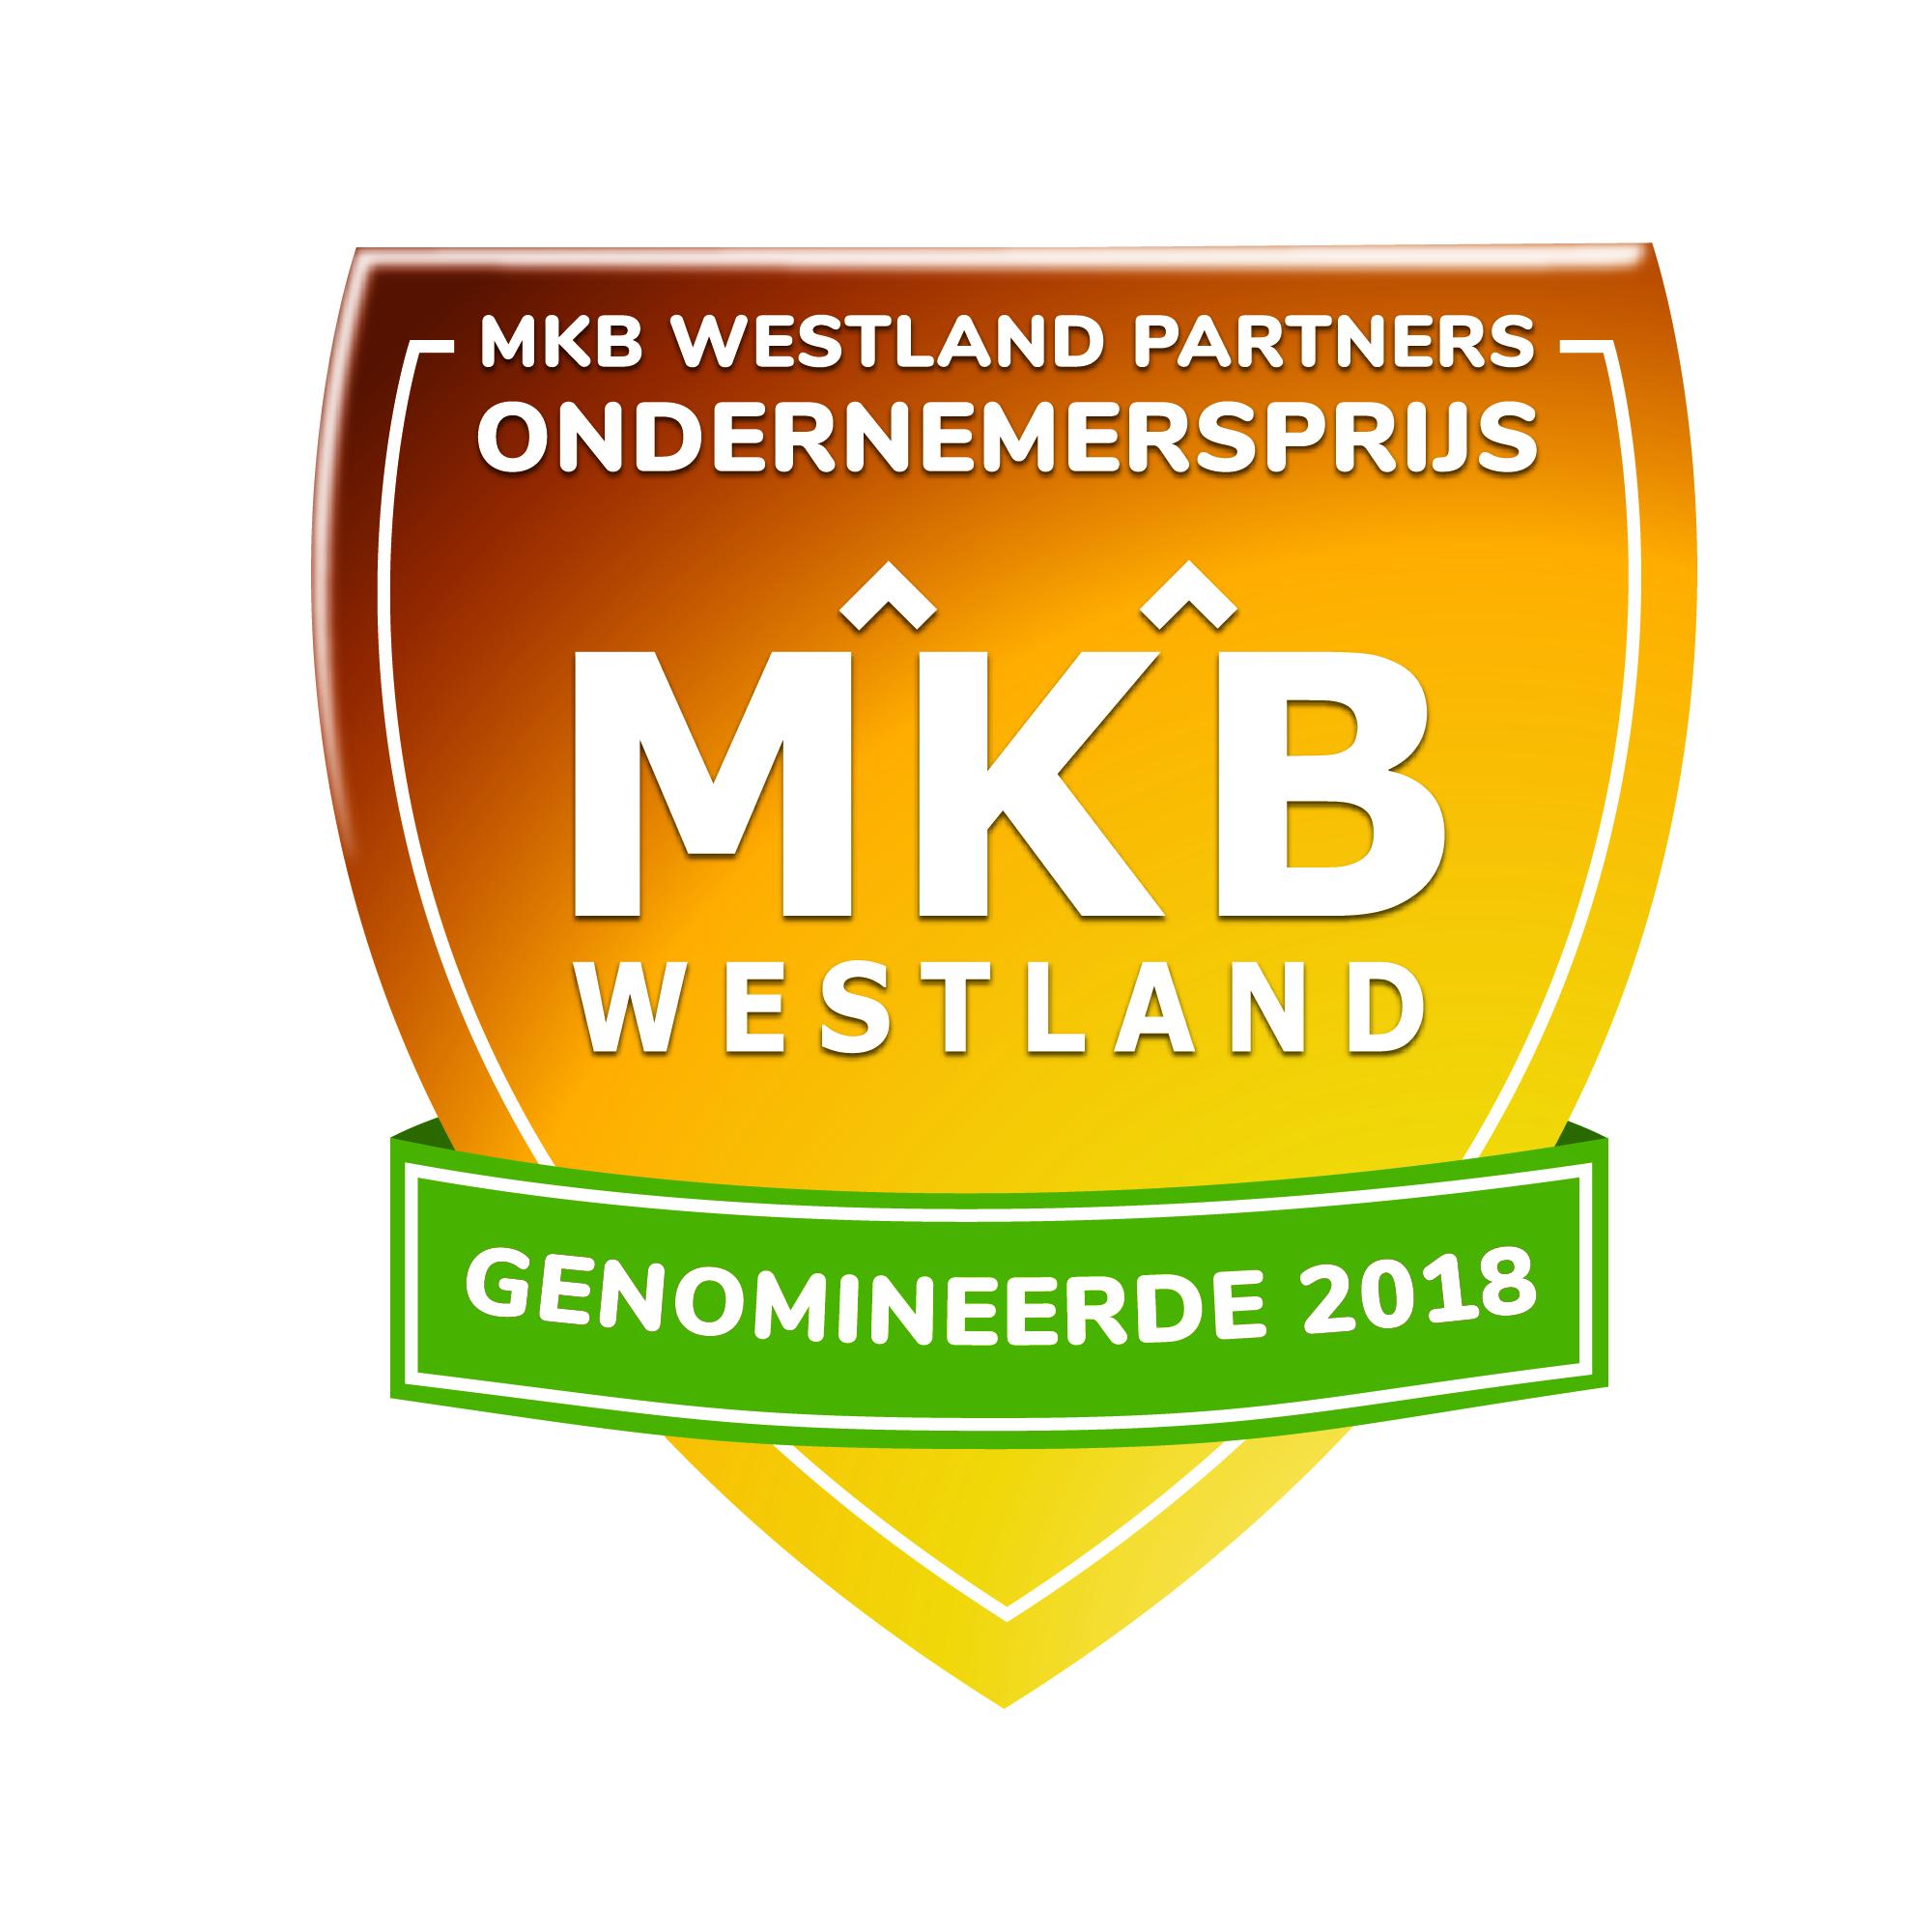 WPS genomineerd voor de MKB Westland Partners Ondernemersprijs 2018